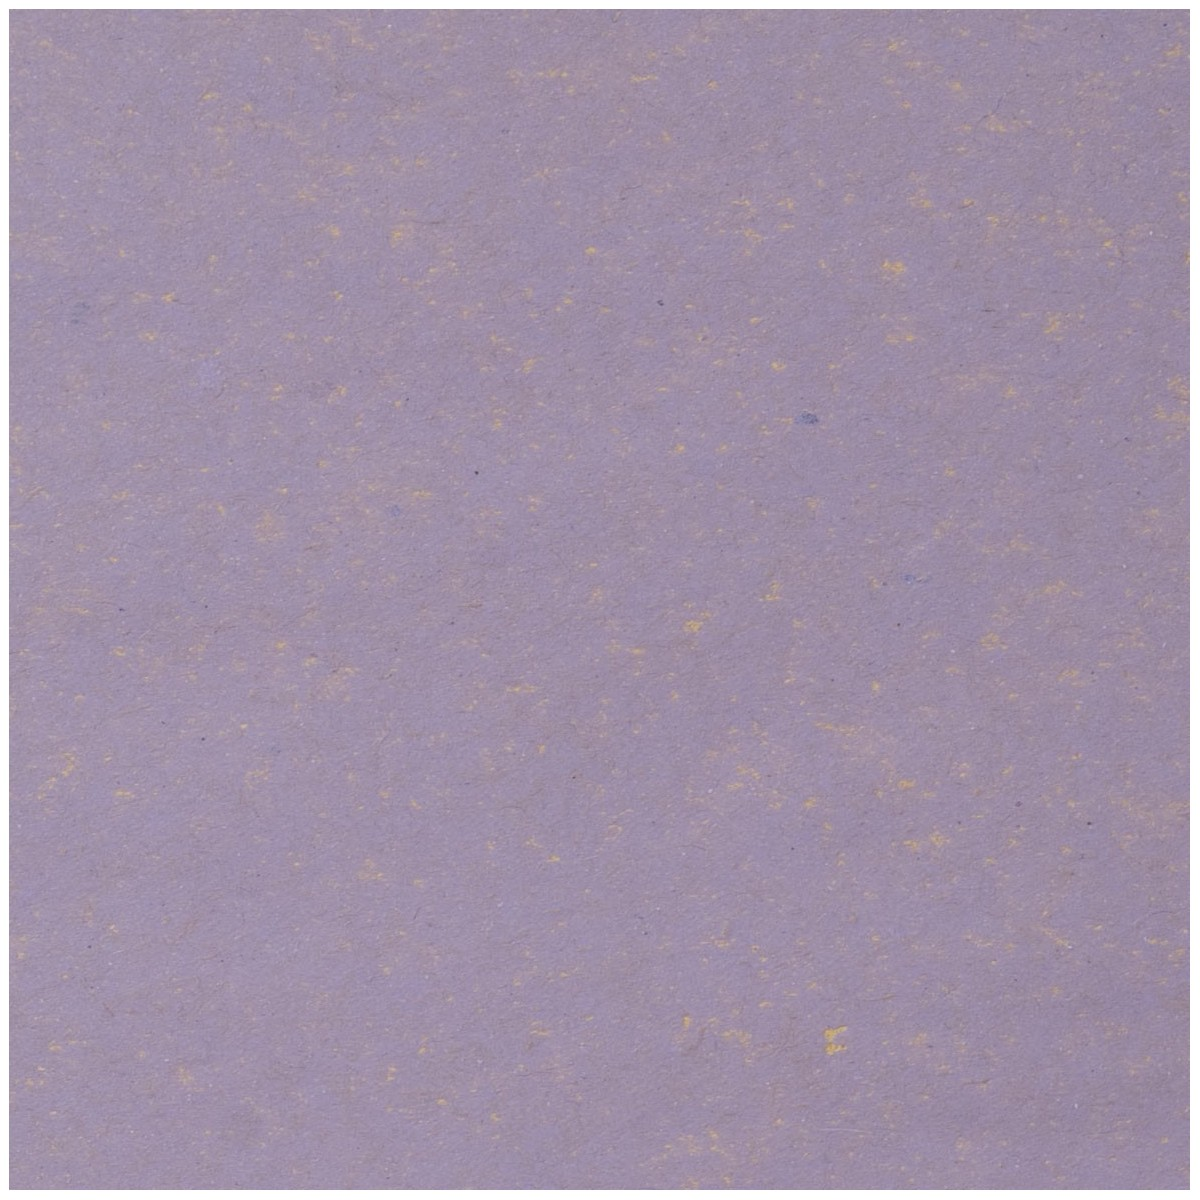 Carta Paglia ECOCHIC Gr.85 Fogli Cm.70x100 Colori Tinta Unita Glicine